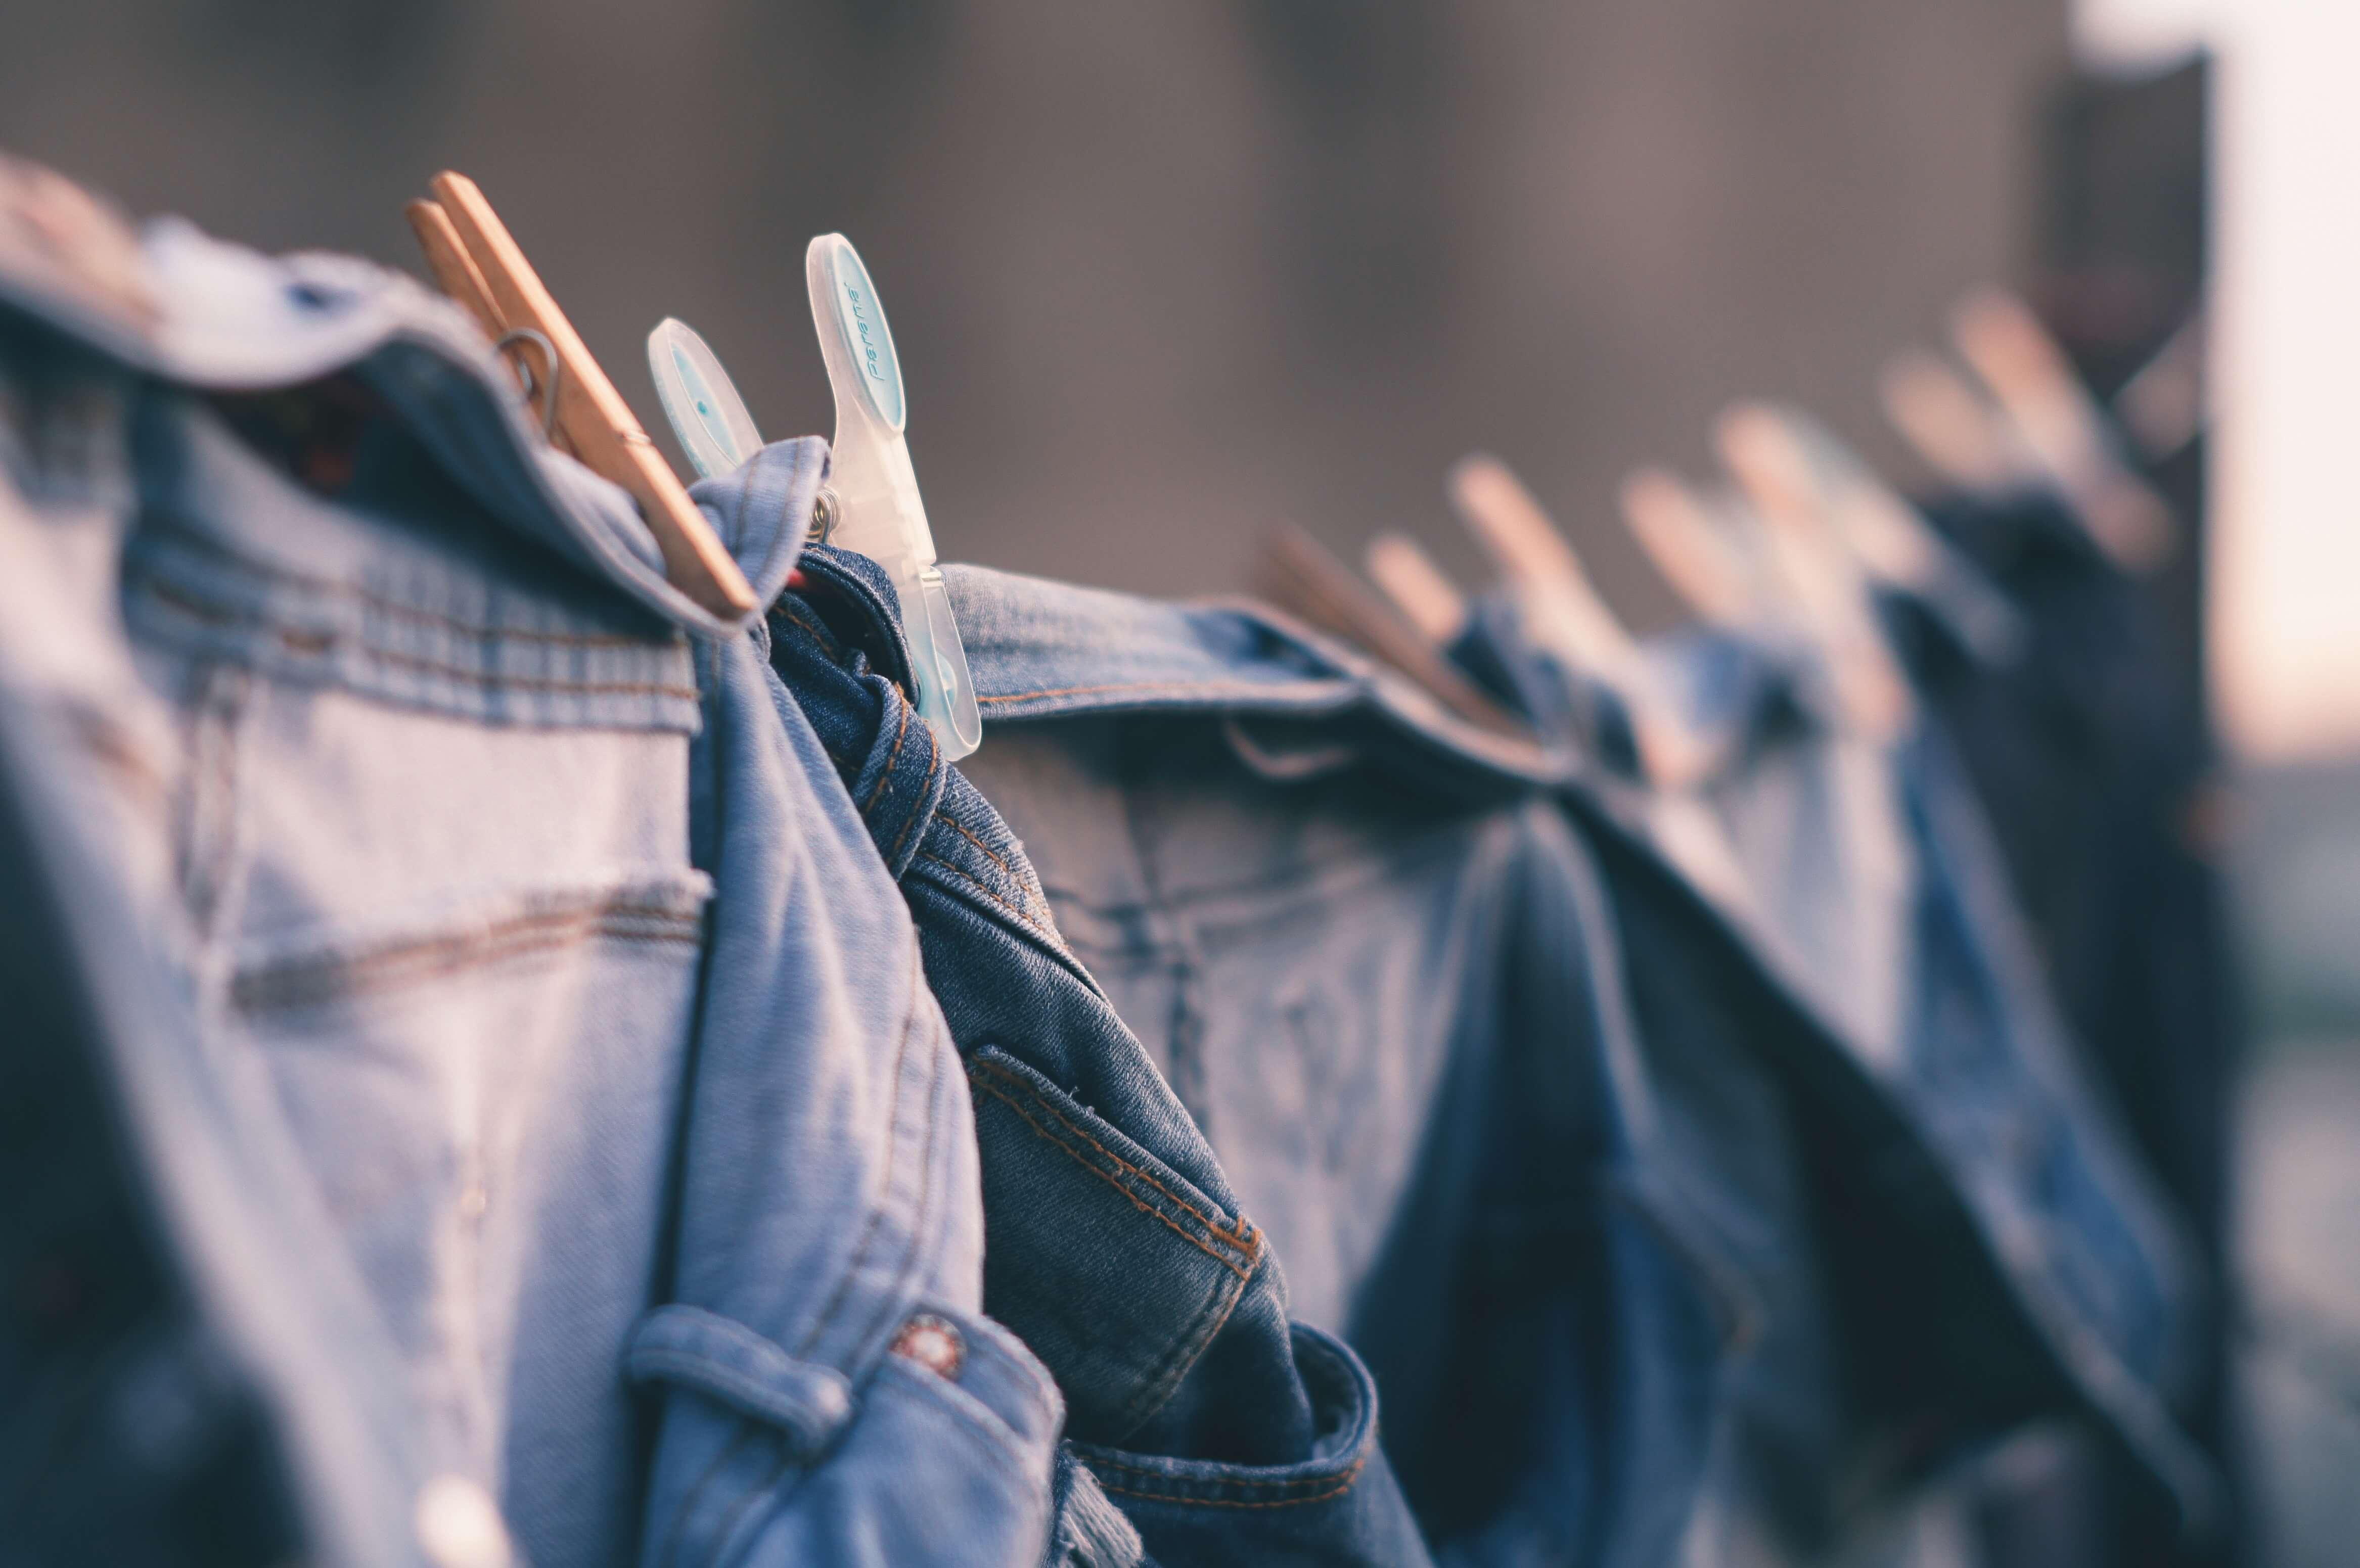 El lavado y su impacto ambiental